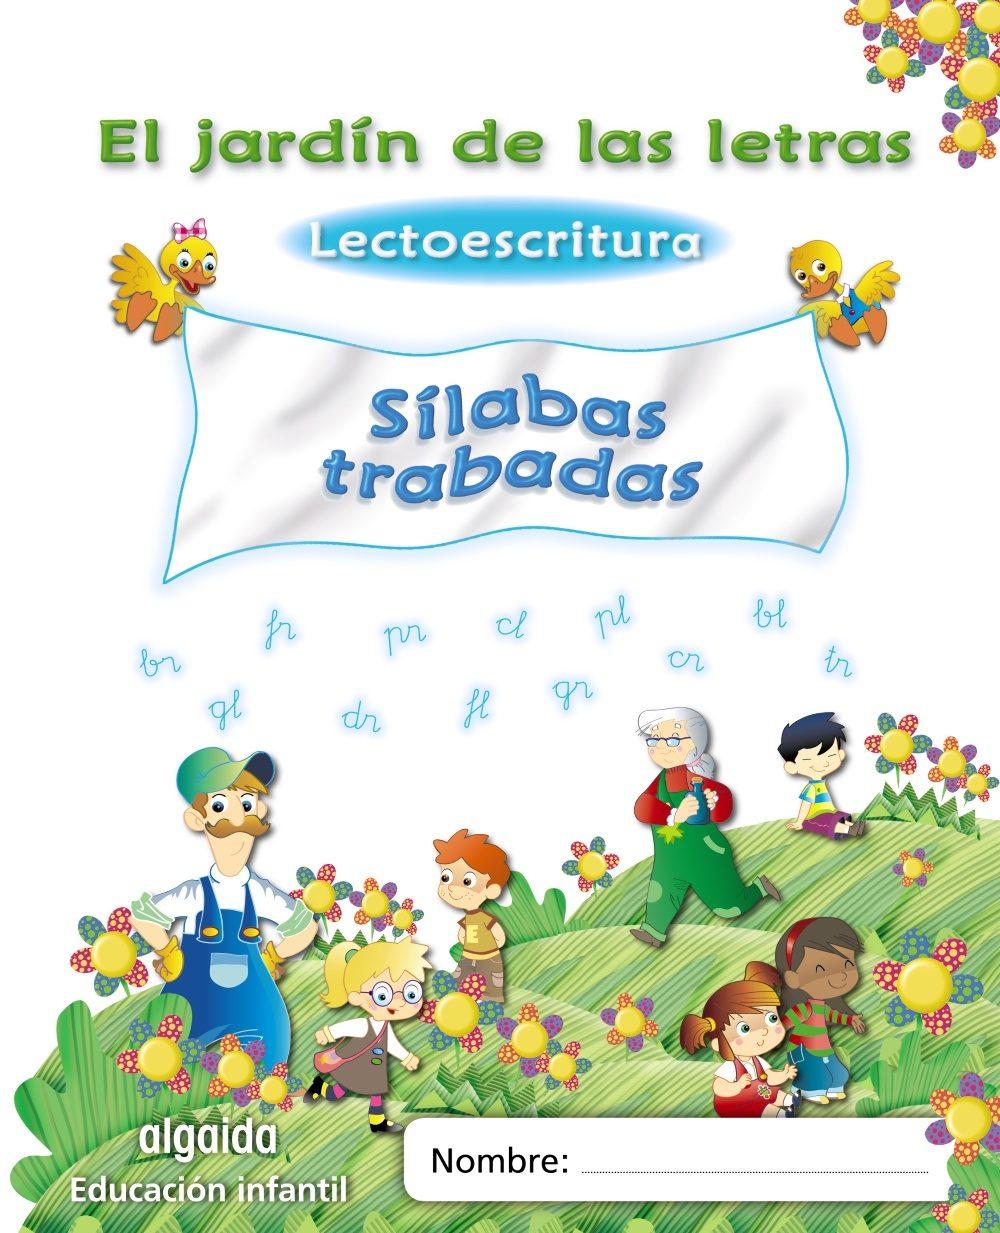 EL JARDÍN DE LAS LETRAS. SÍLABAS TRABADAS 3/5